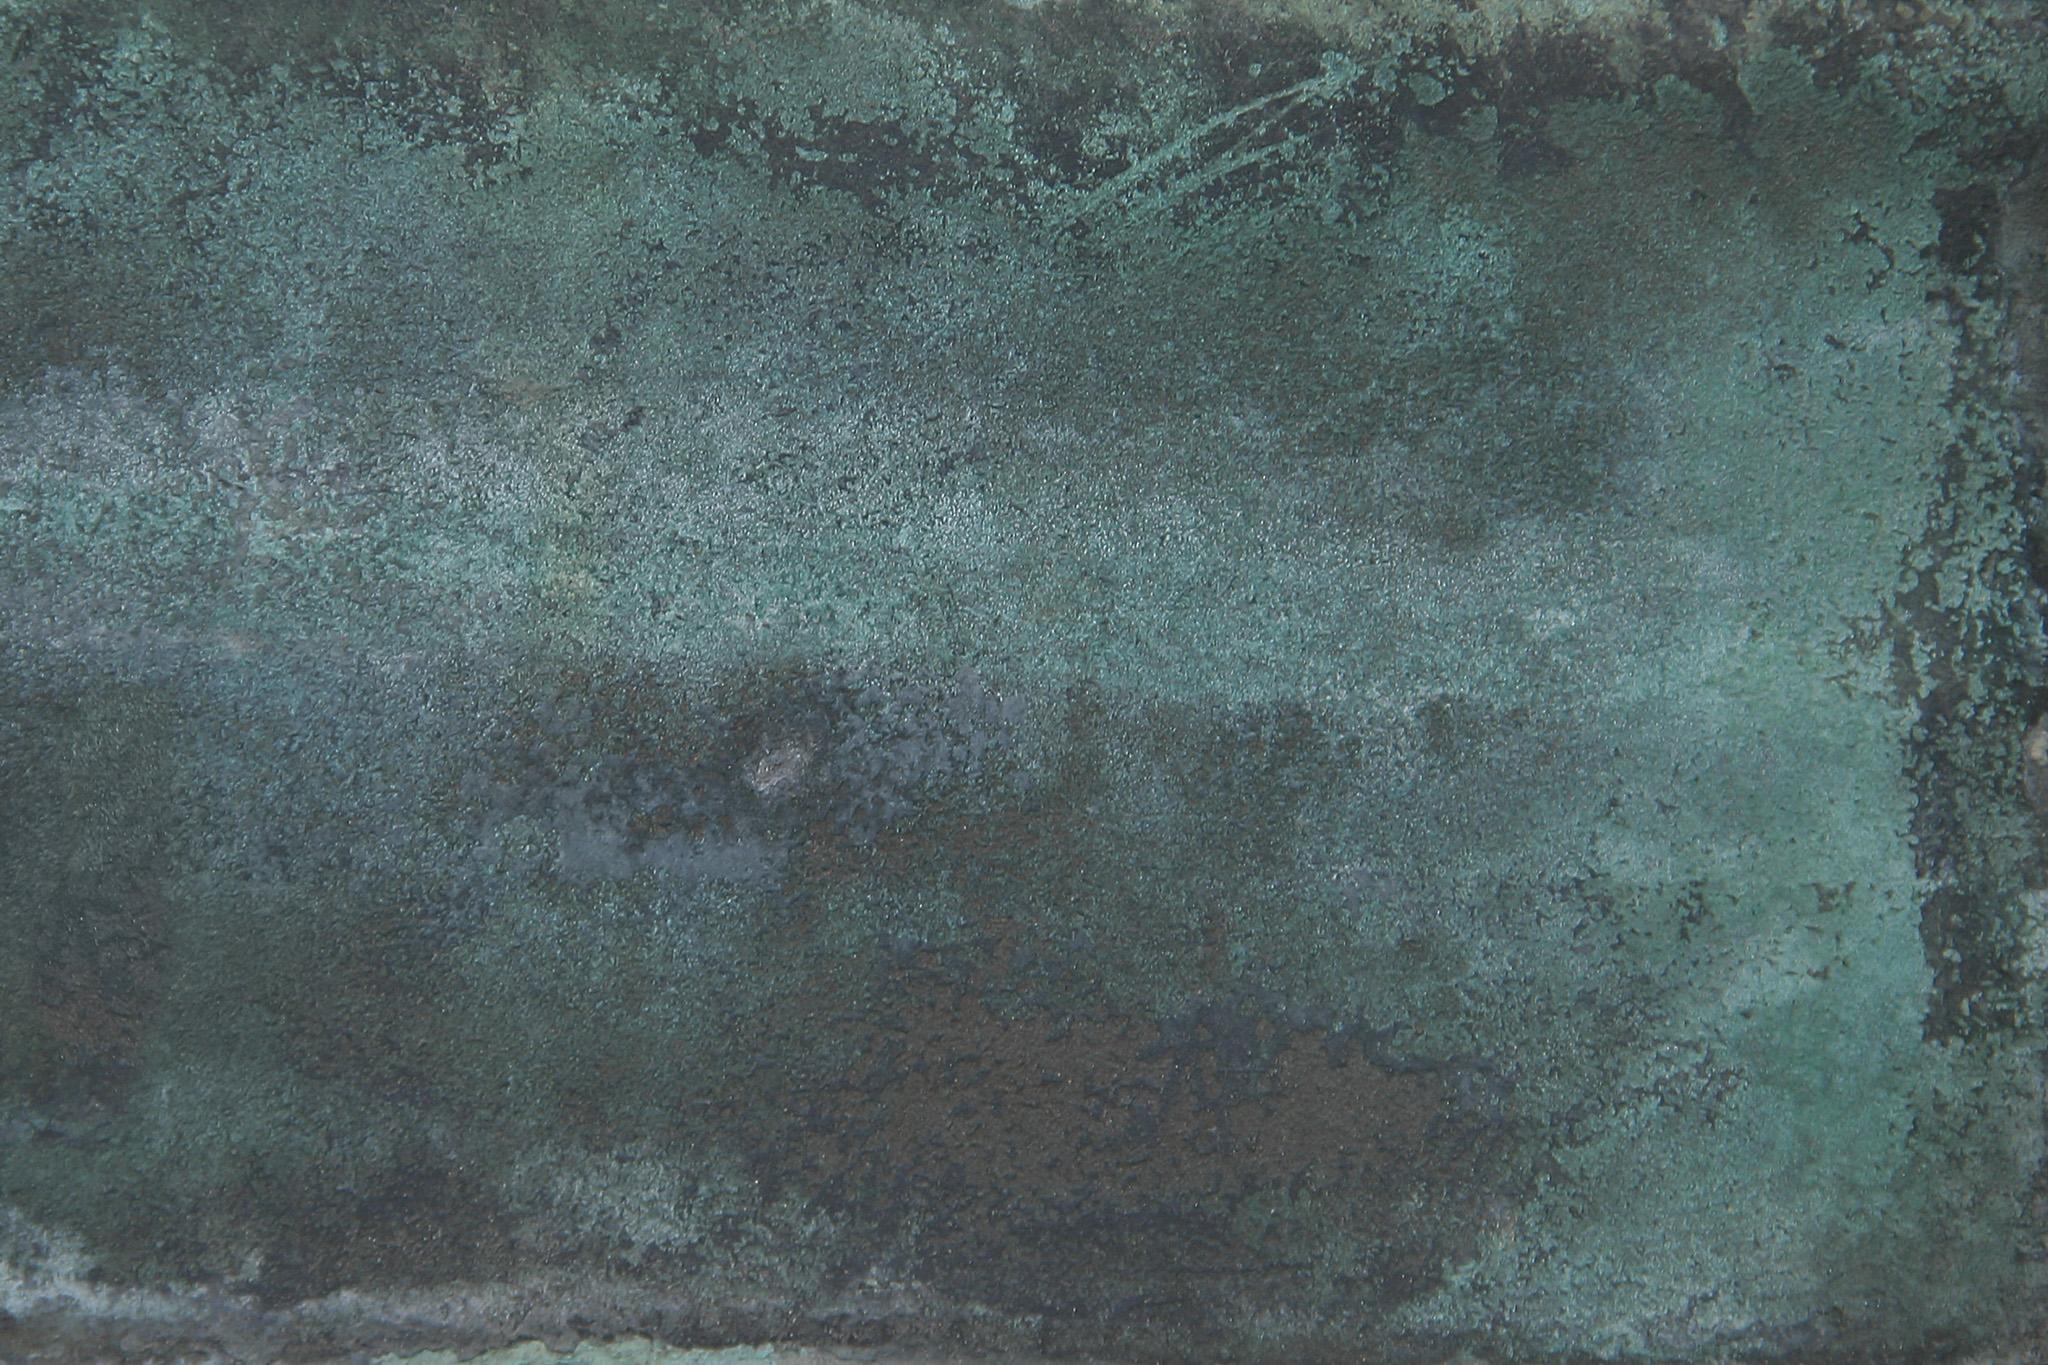 「腐食したブロンズのテクスチャ」の画像を無料ダウンロード